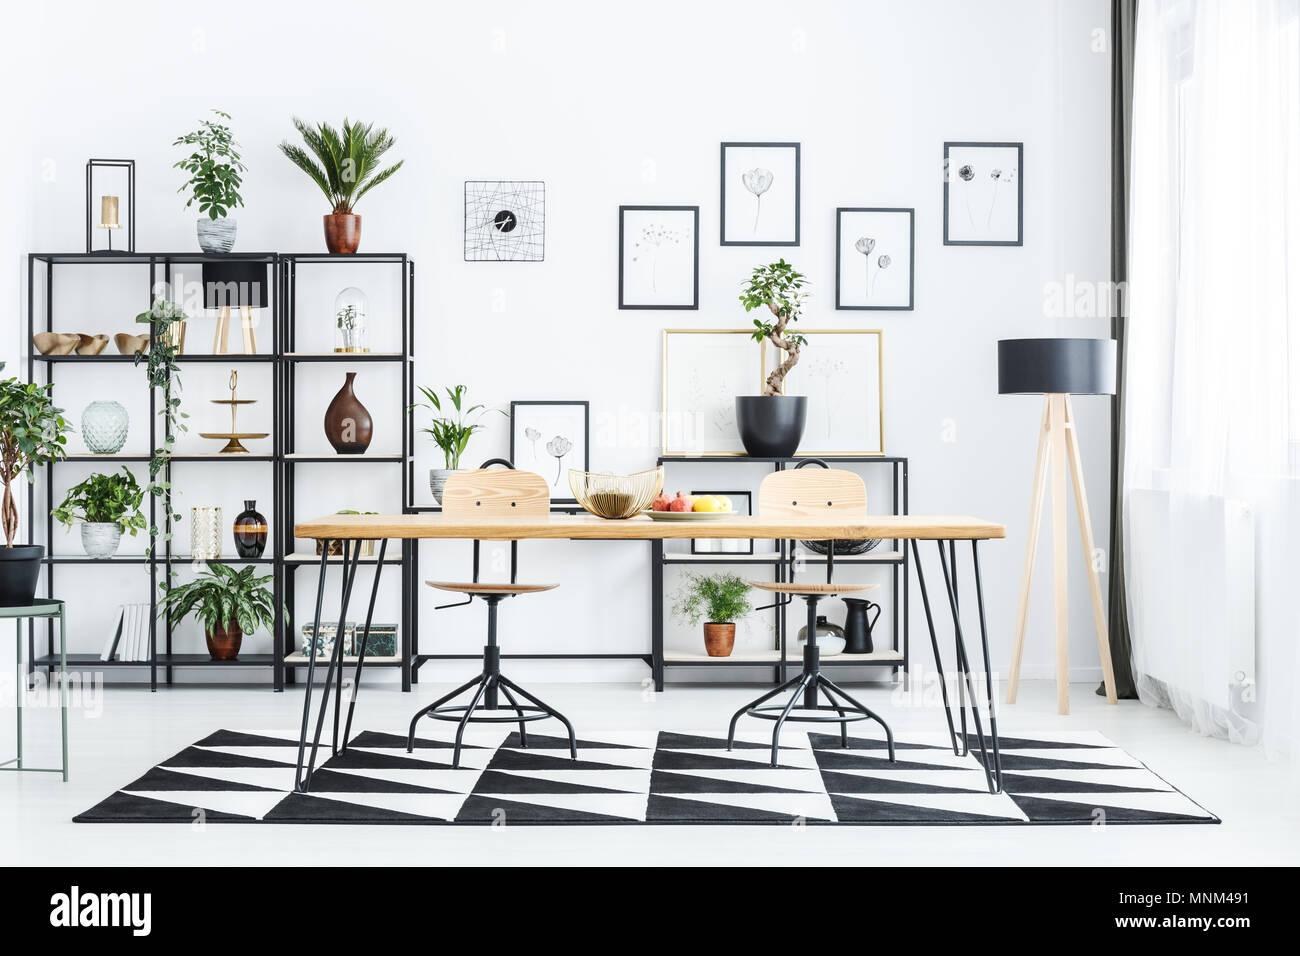 Chaise en bois à table sur tapis géométriques en scandi avec lampe d'intérieur de salle à manger Photo Stock